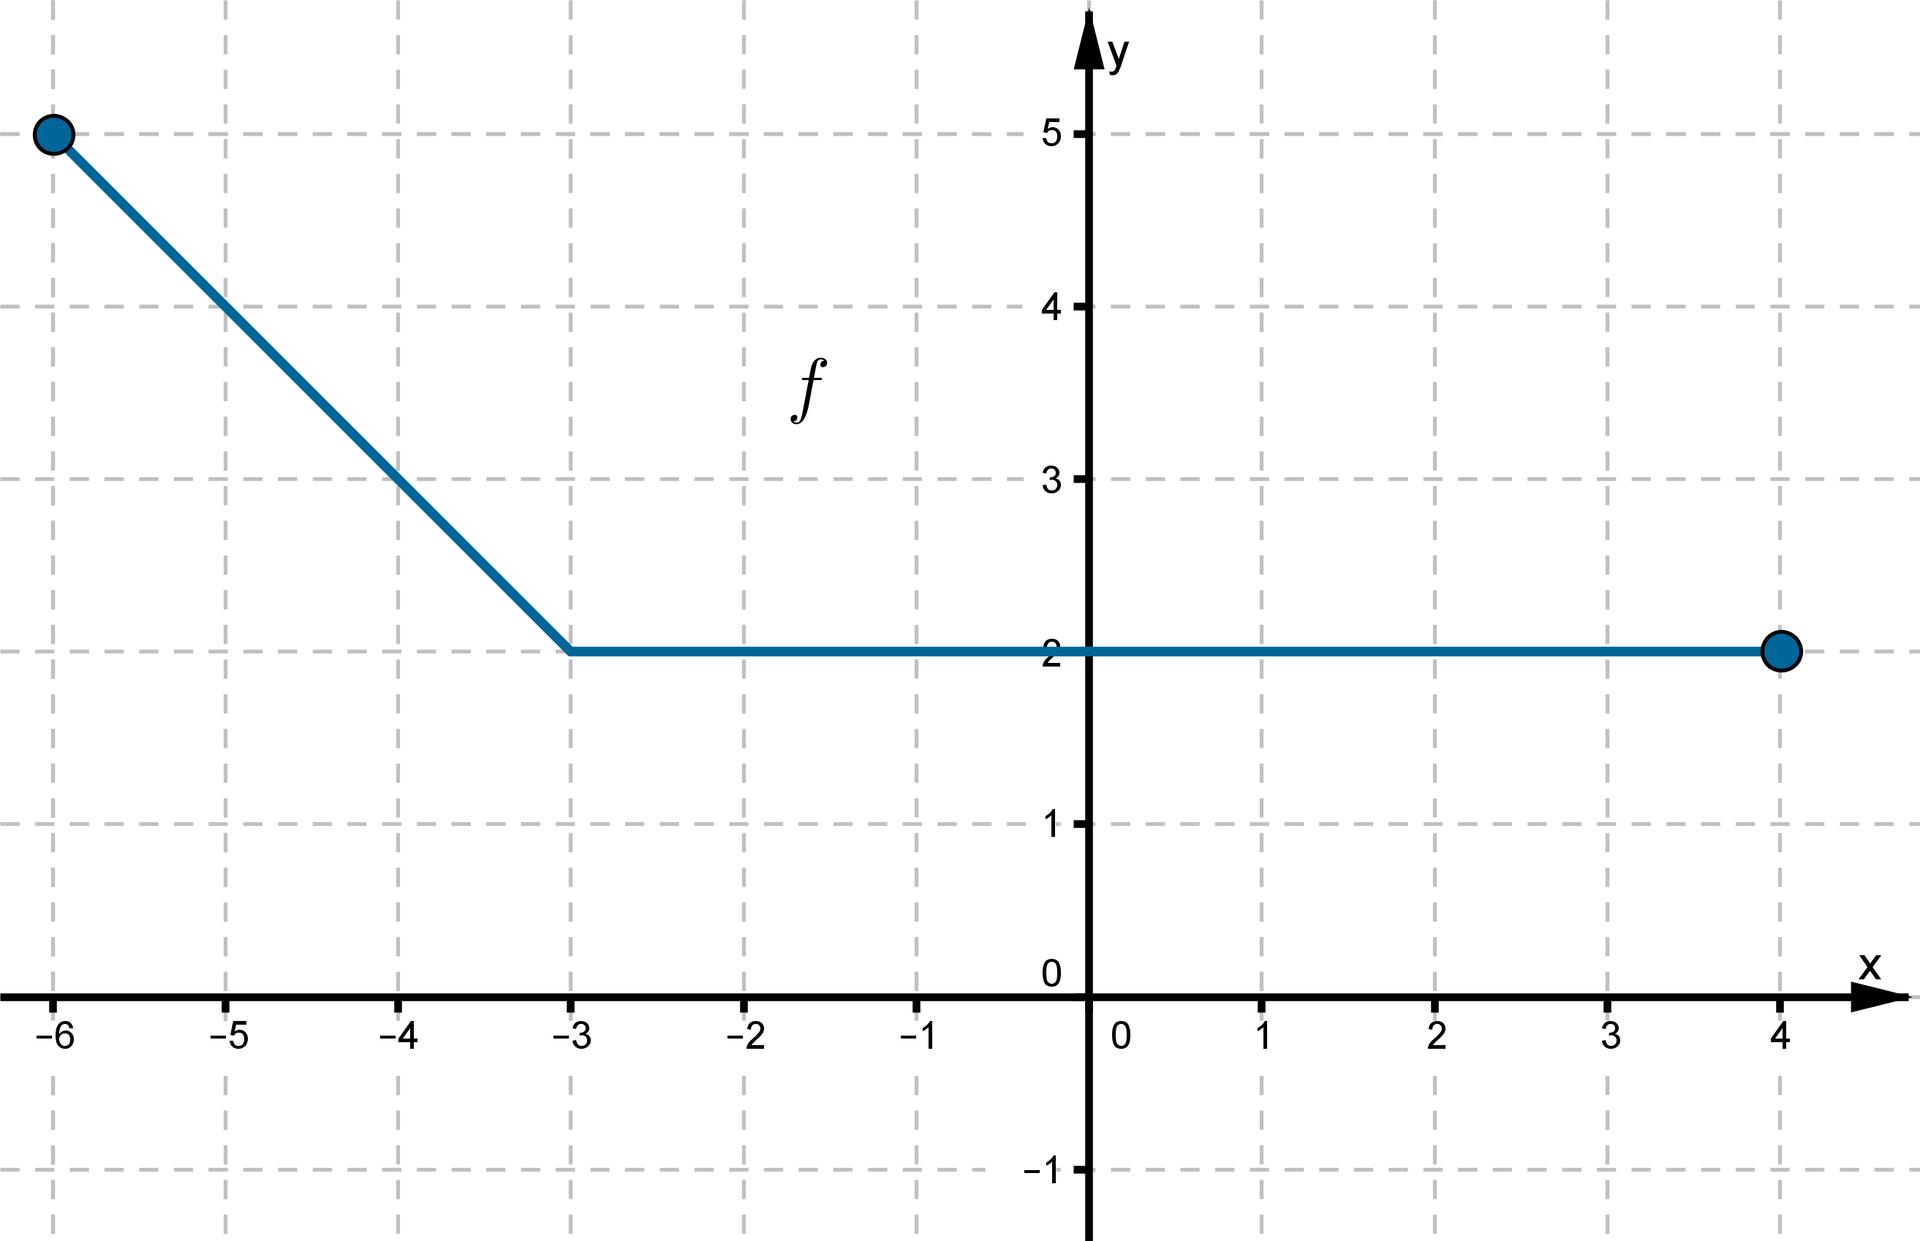 Wykres funkcji wpostaci łamanej złożonej zdwóch odcinków leżącej wpierwszej idrugiej ćwiartce układu współrzędnych. Punkty owspółrzędnych (-6, 5), (-3, 2), (0, 2), (4, 2) należą do wykresu funkcji.